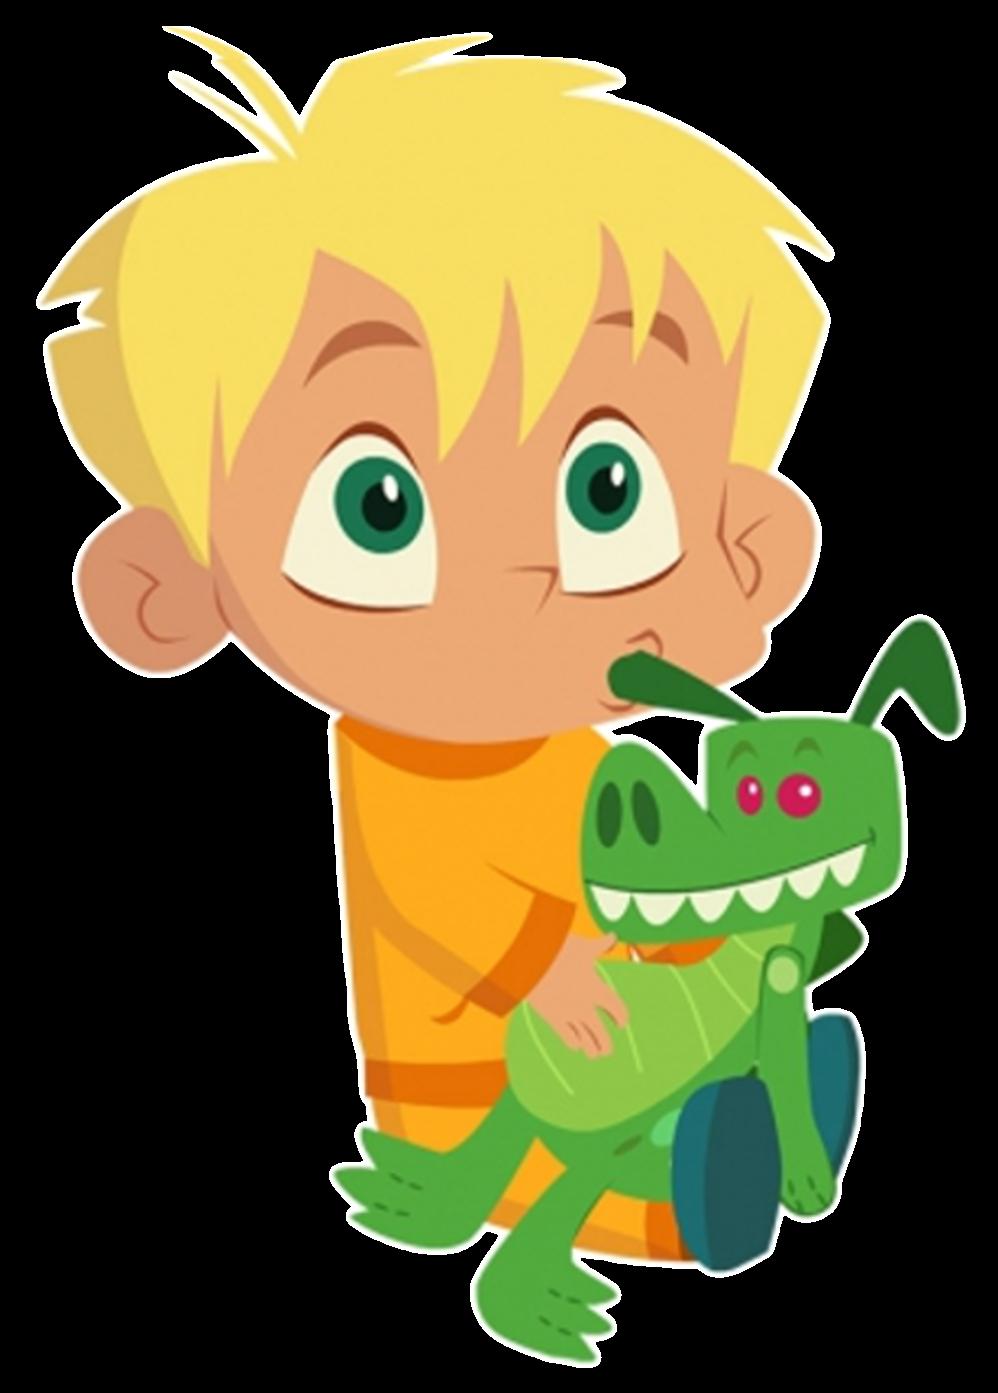 Cartoon Characters: Mr. Moon